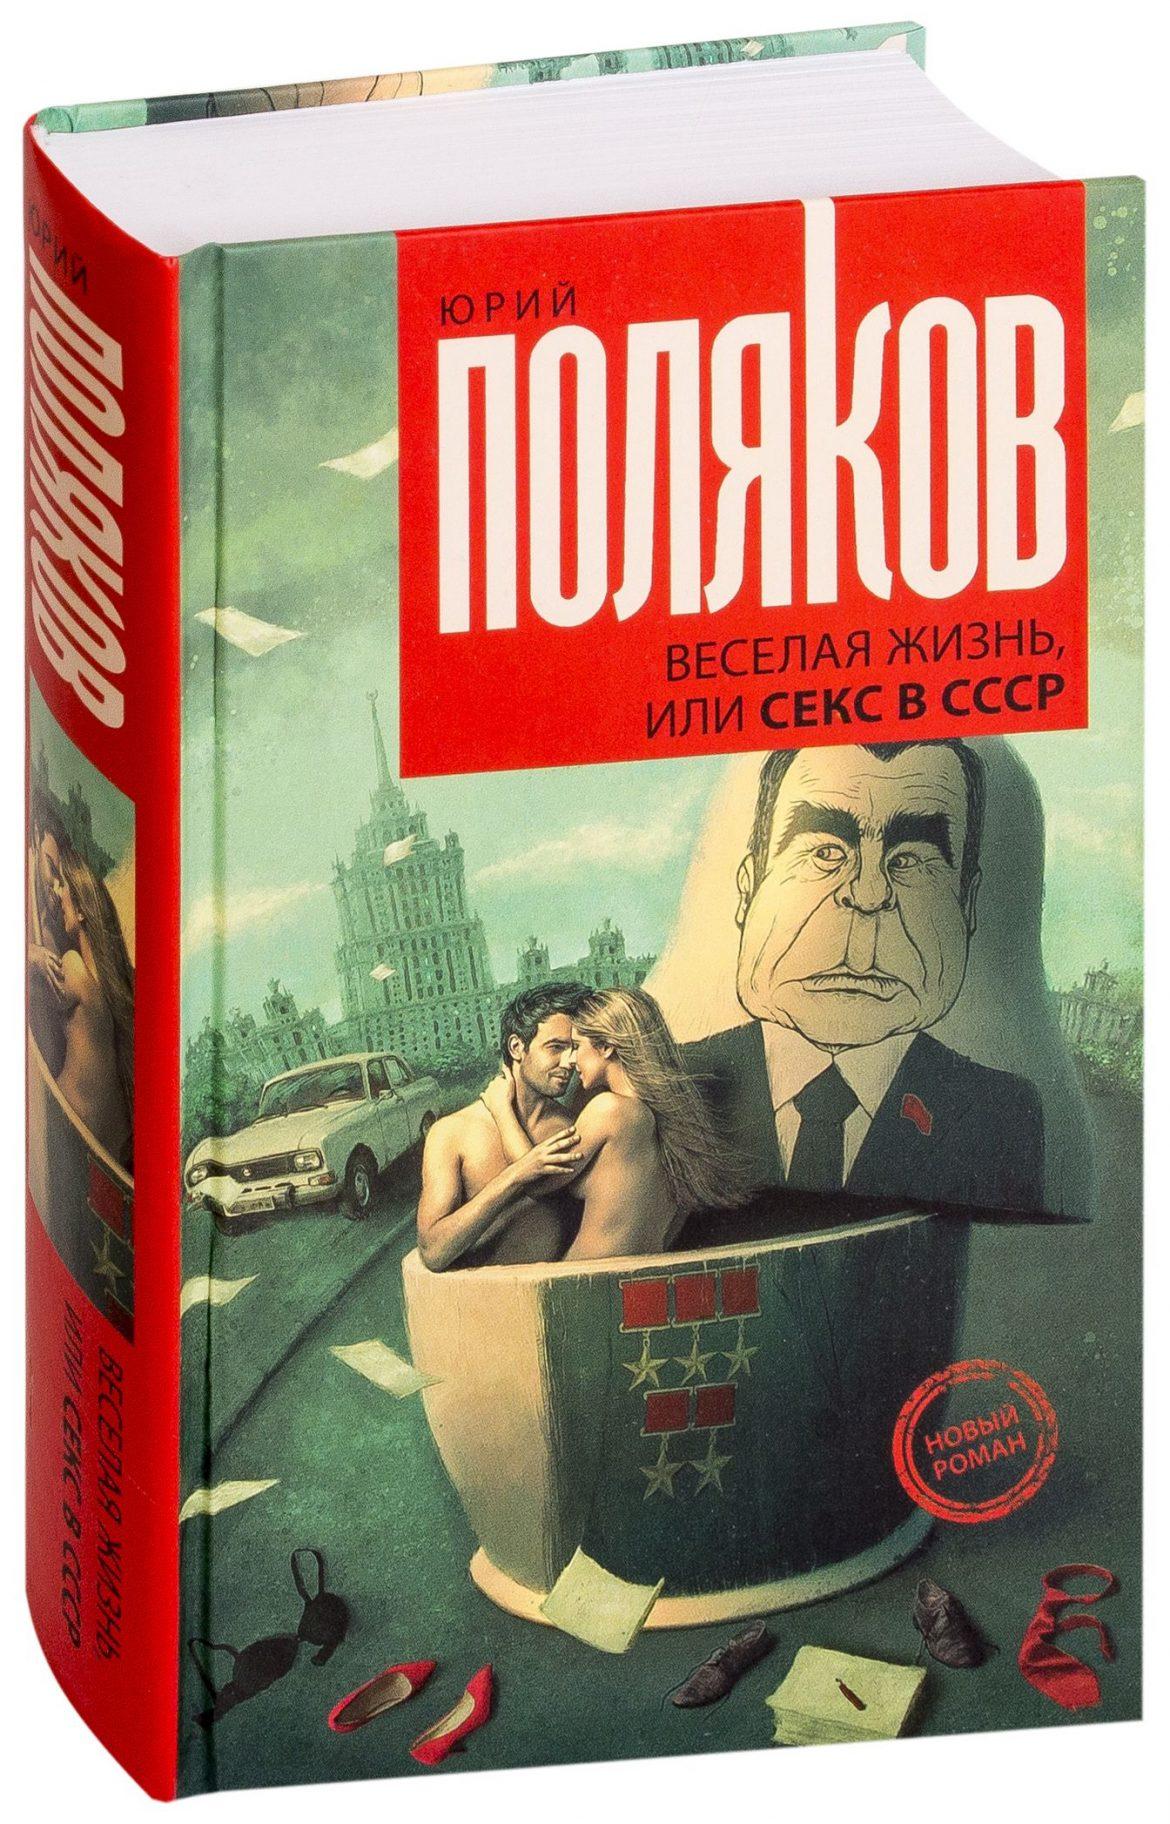 Веселая жизнь, или Секс в СССР — Юрий Поляков